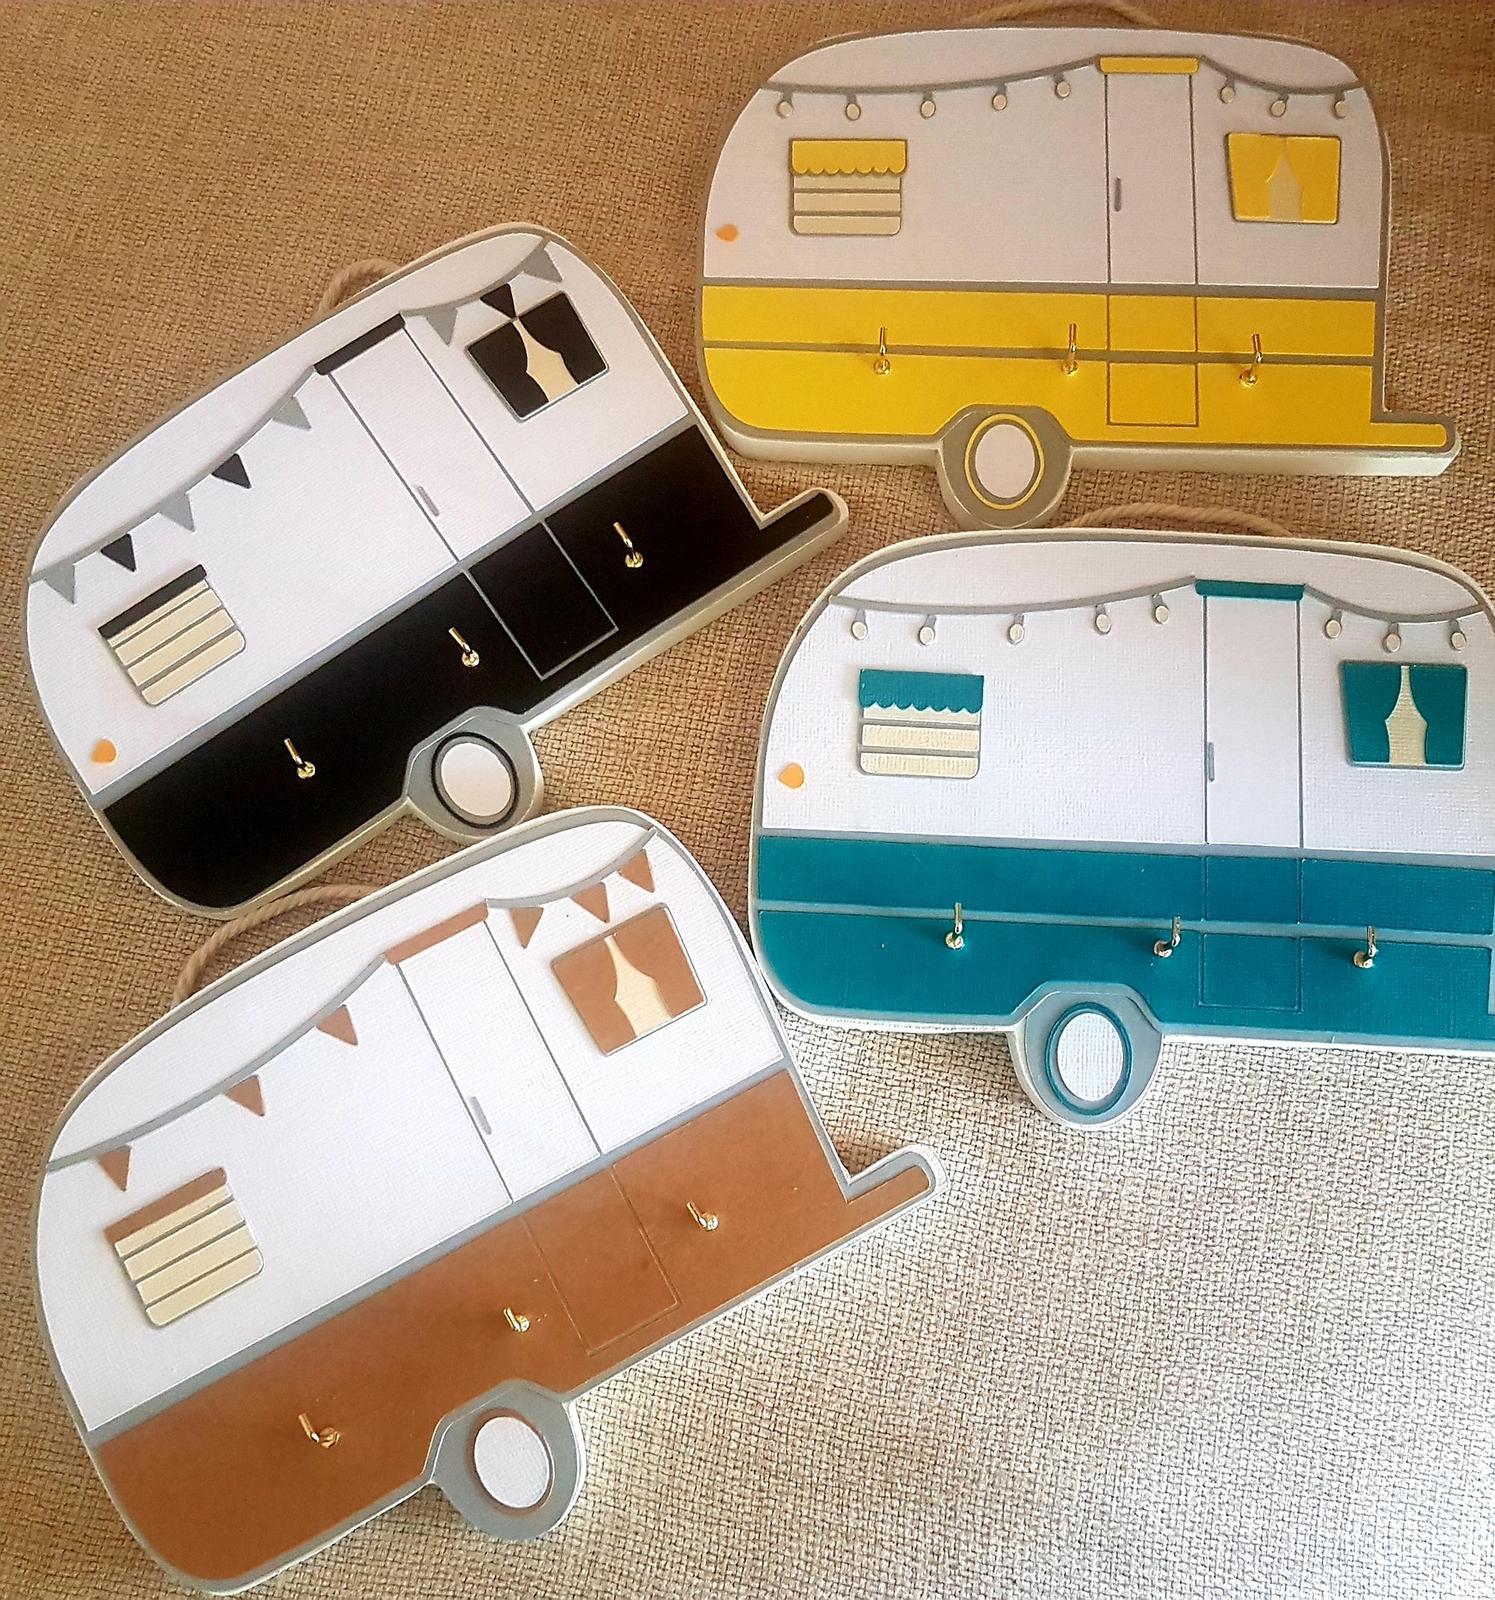 Caravan key holder